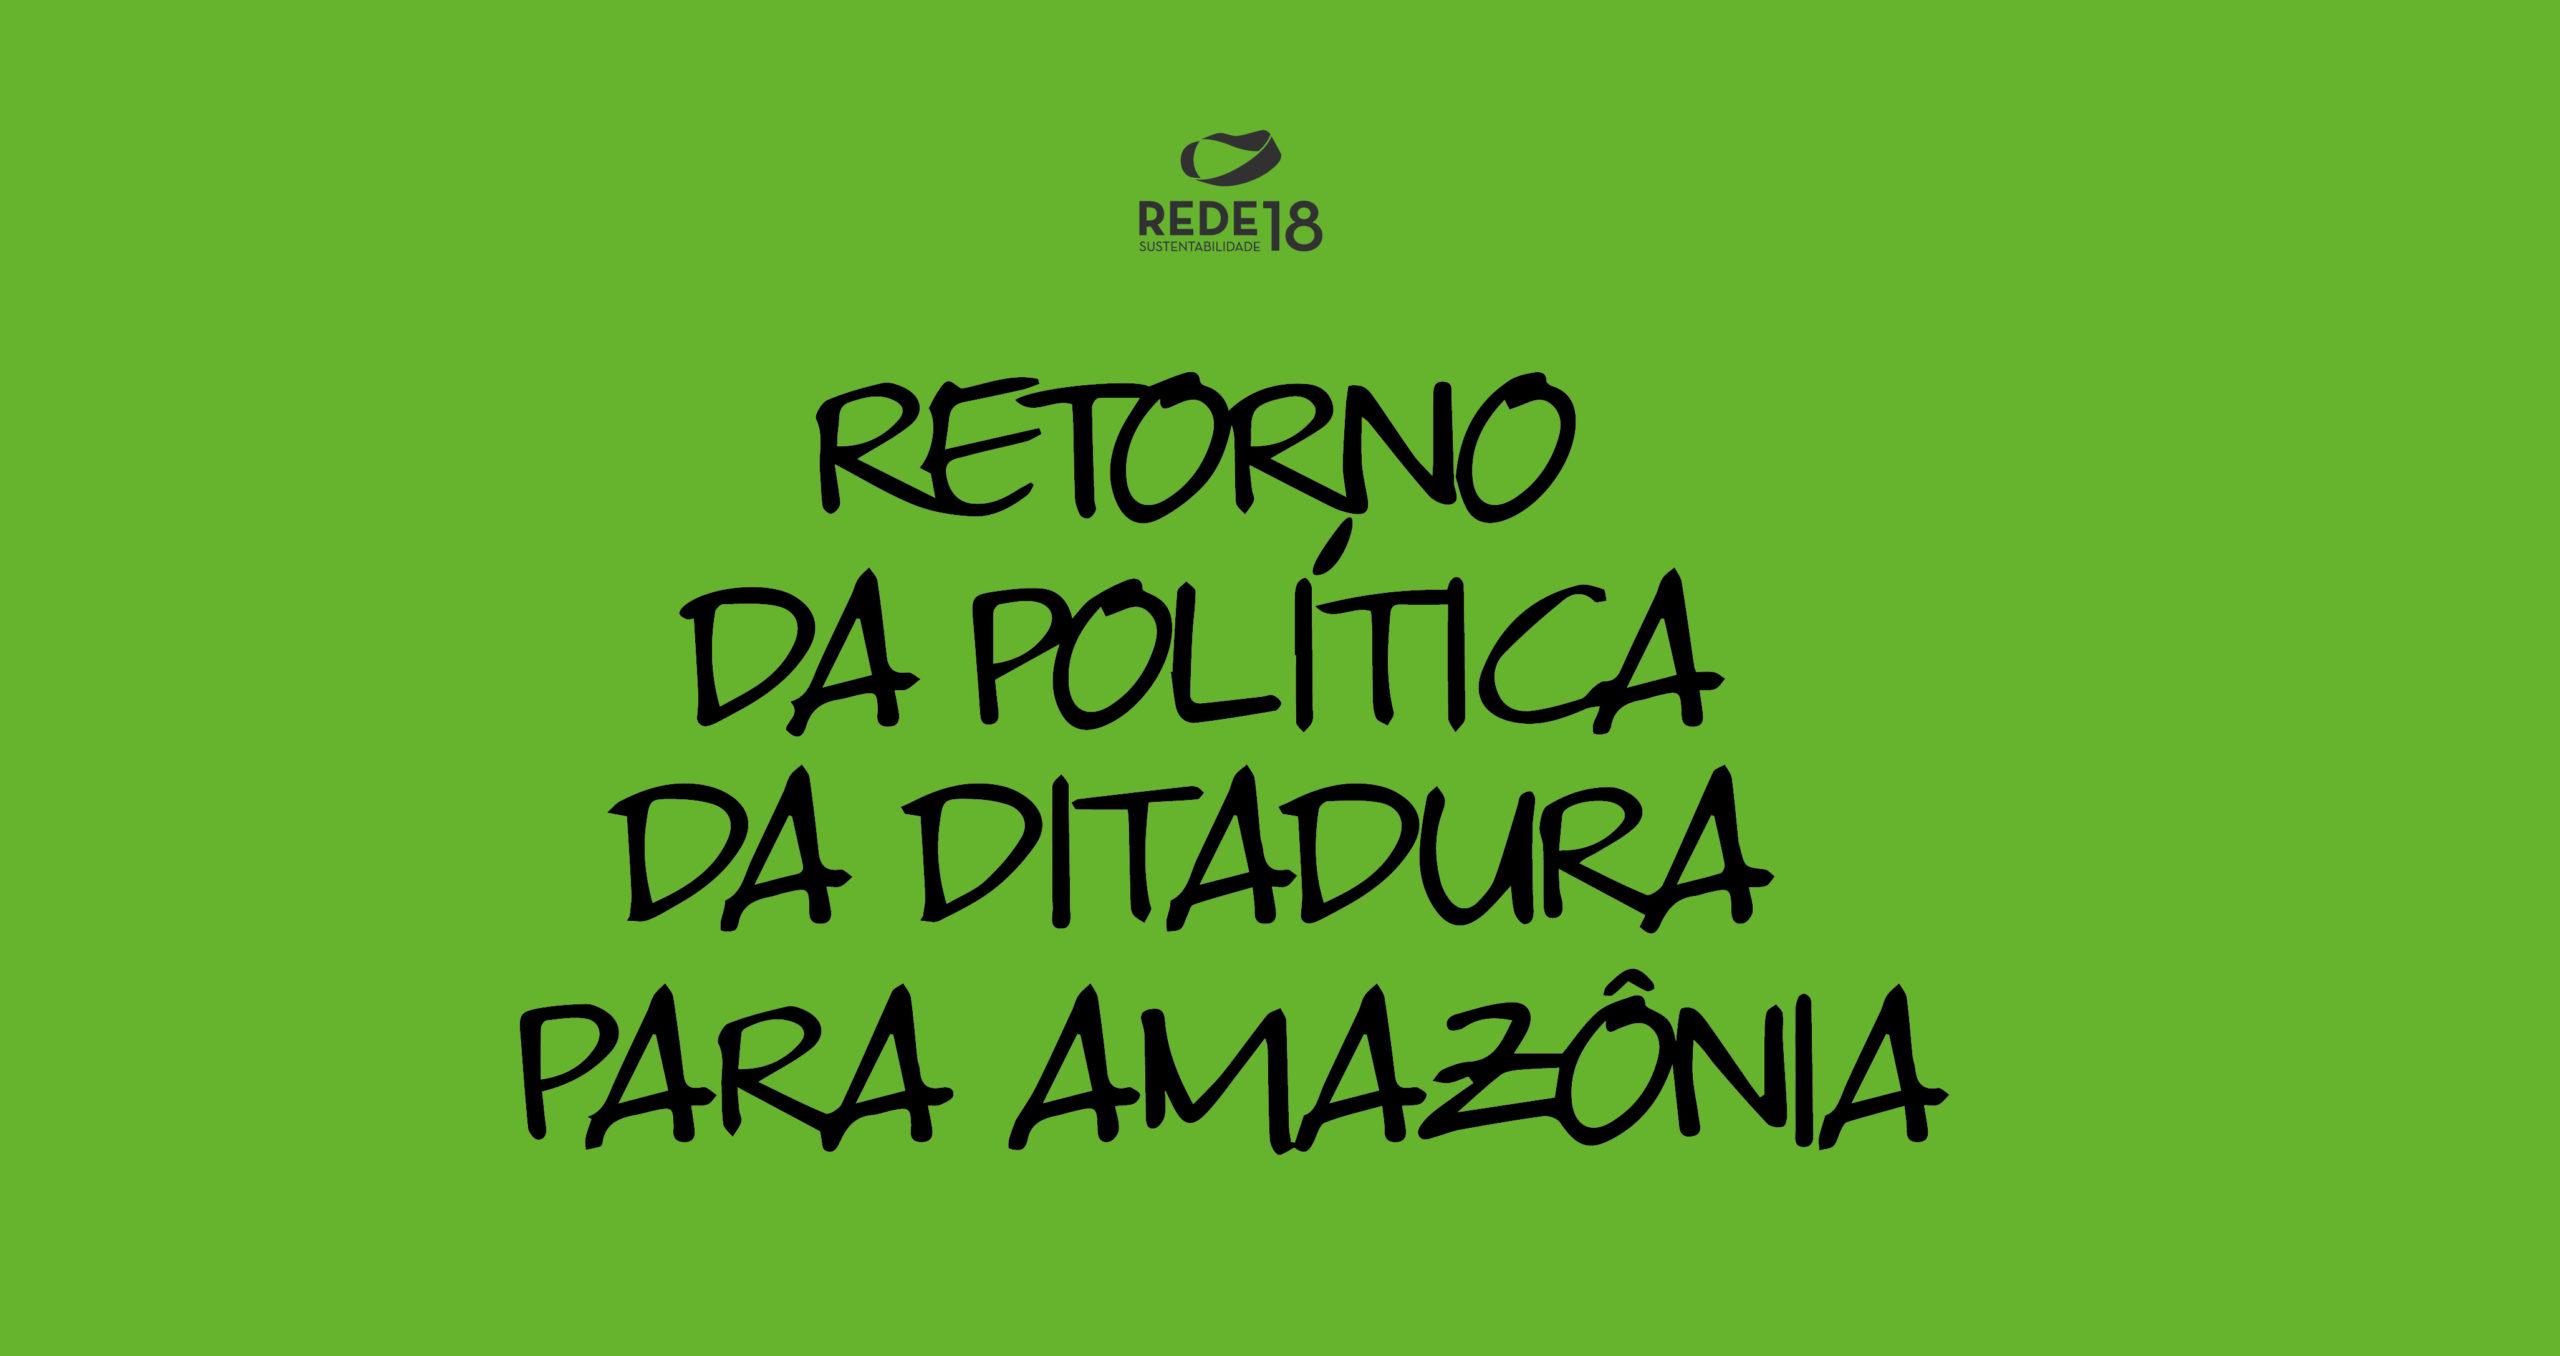 Retorno da política da ditadura para a Amazônia